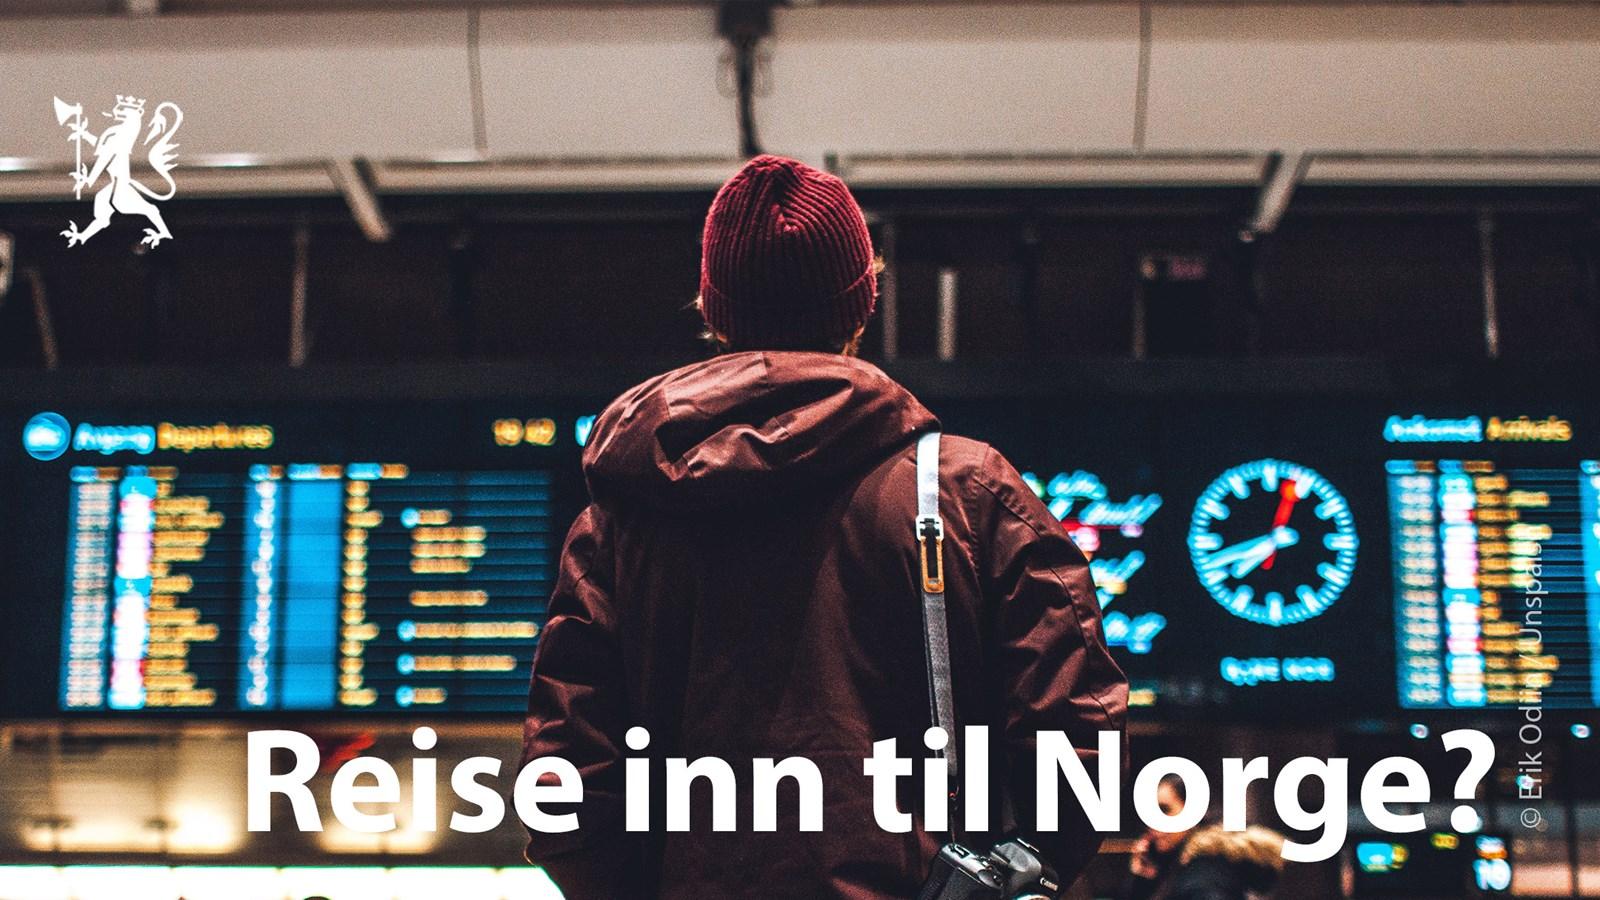 www.regjeringen.no